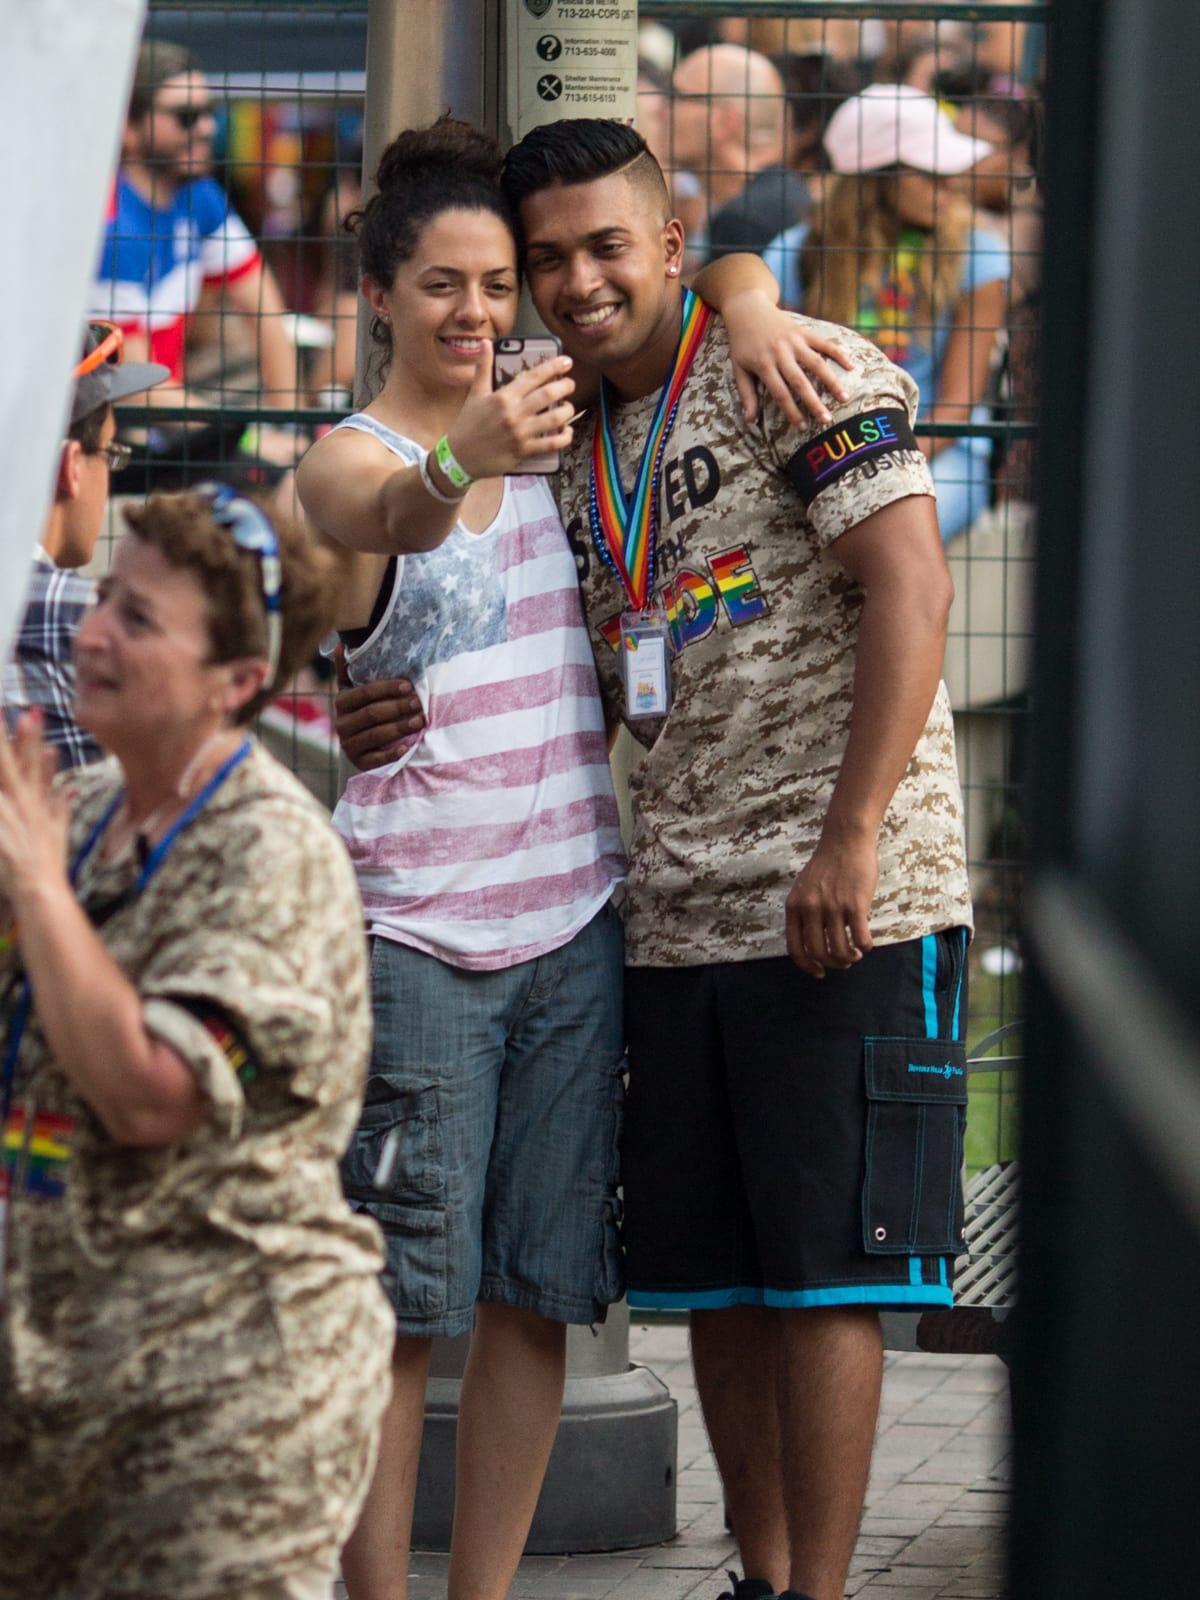 Houston Pride Parade 2016 couple